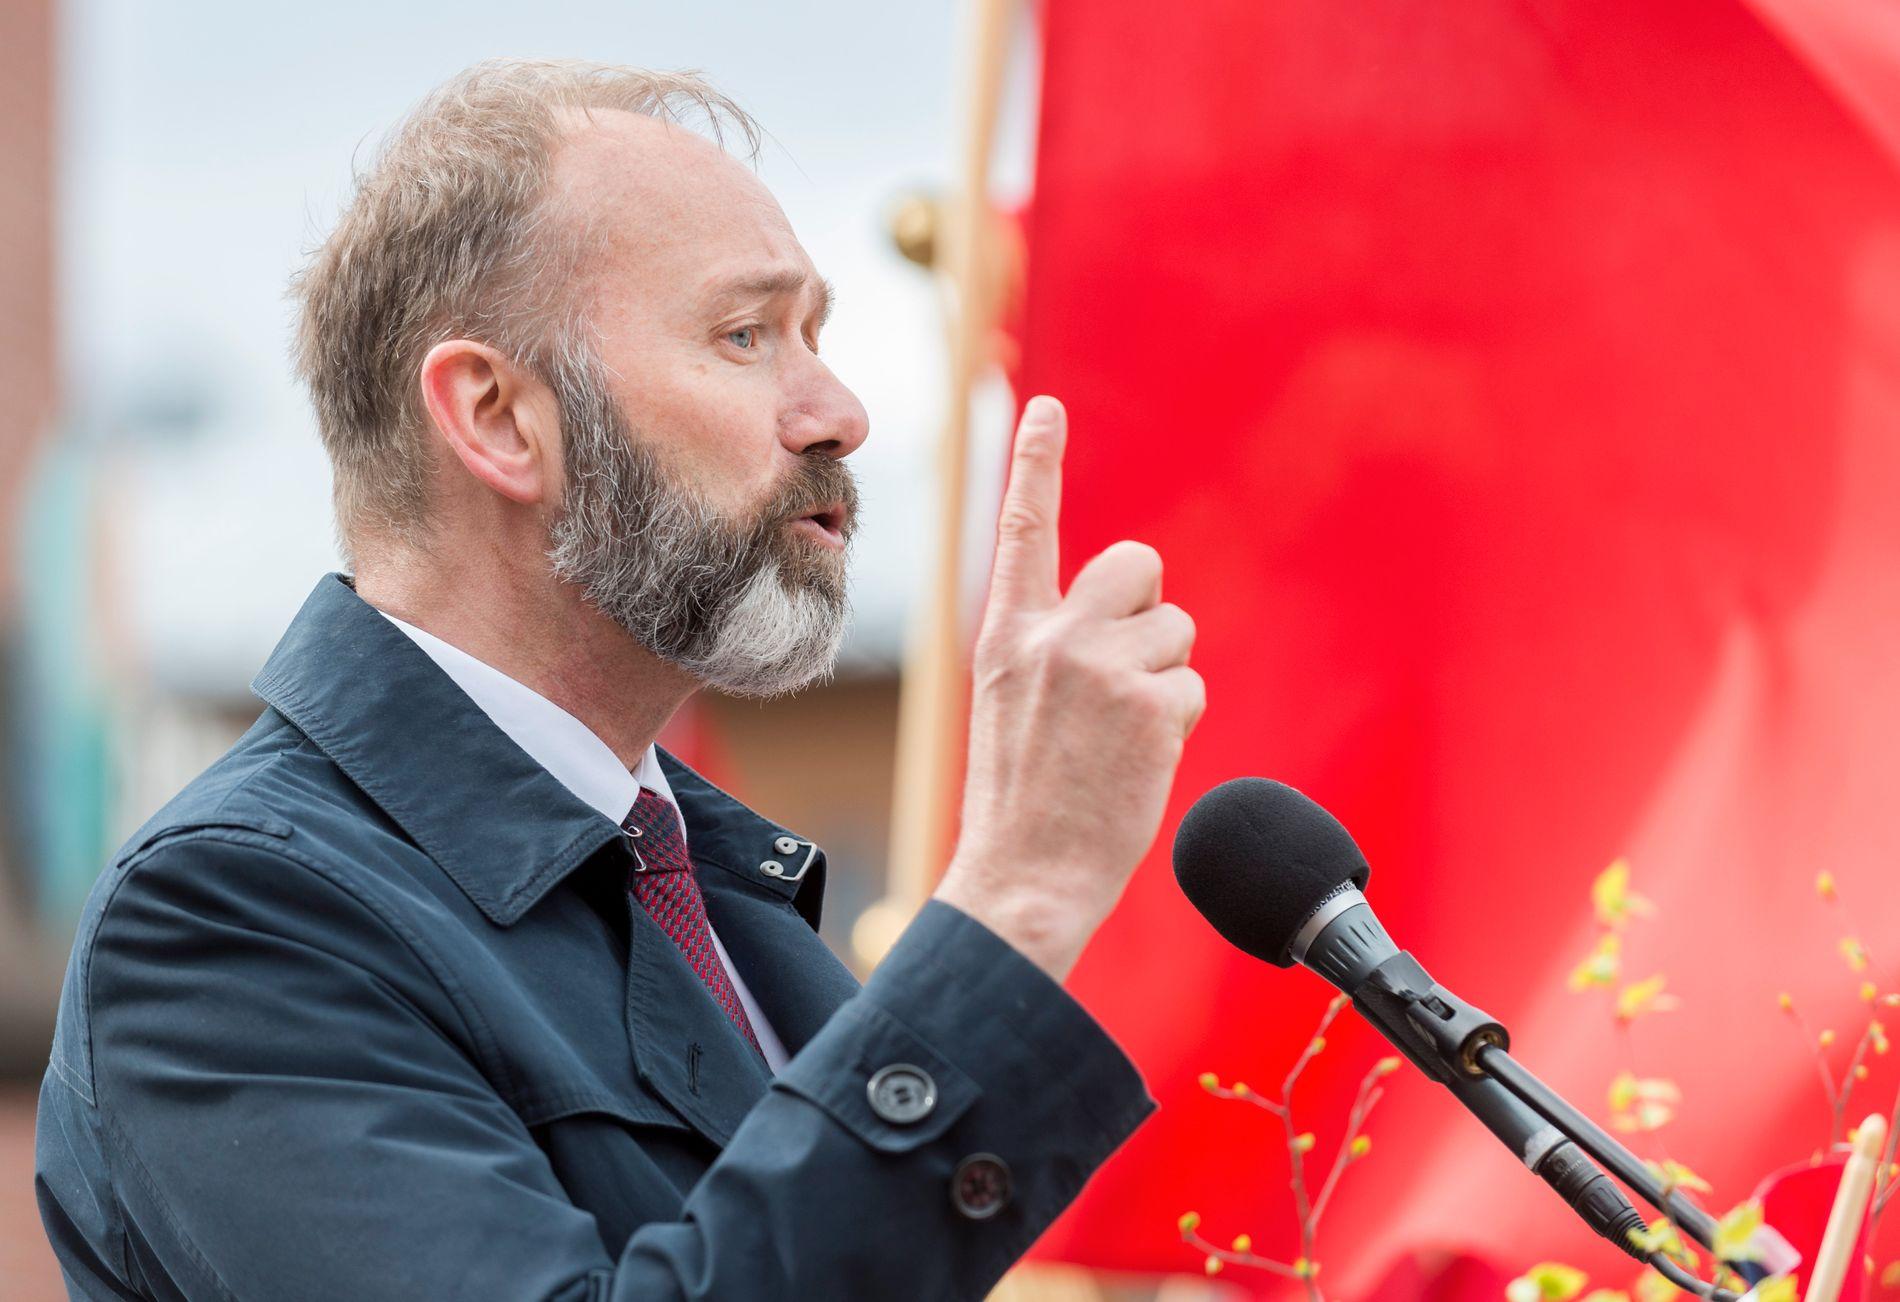 TILBAKE: Etter stormen rundt varslingssakene holdte Trond Giske sine første store politiske taler i Trøndelag. Her holder han 1. mai-tale i Verdal.